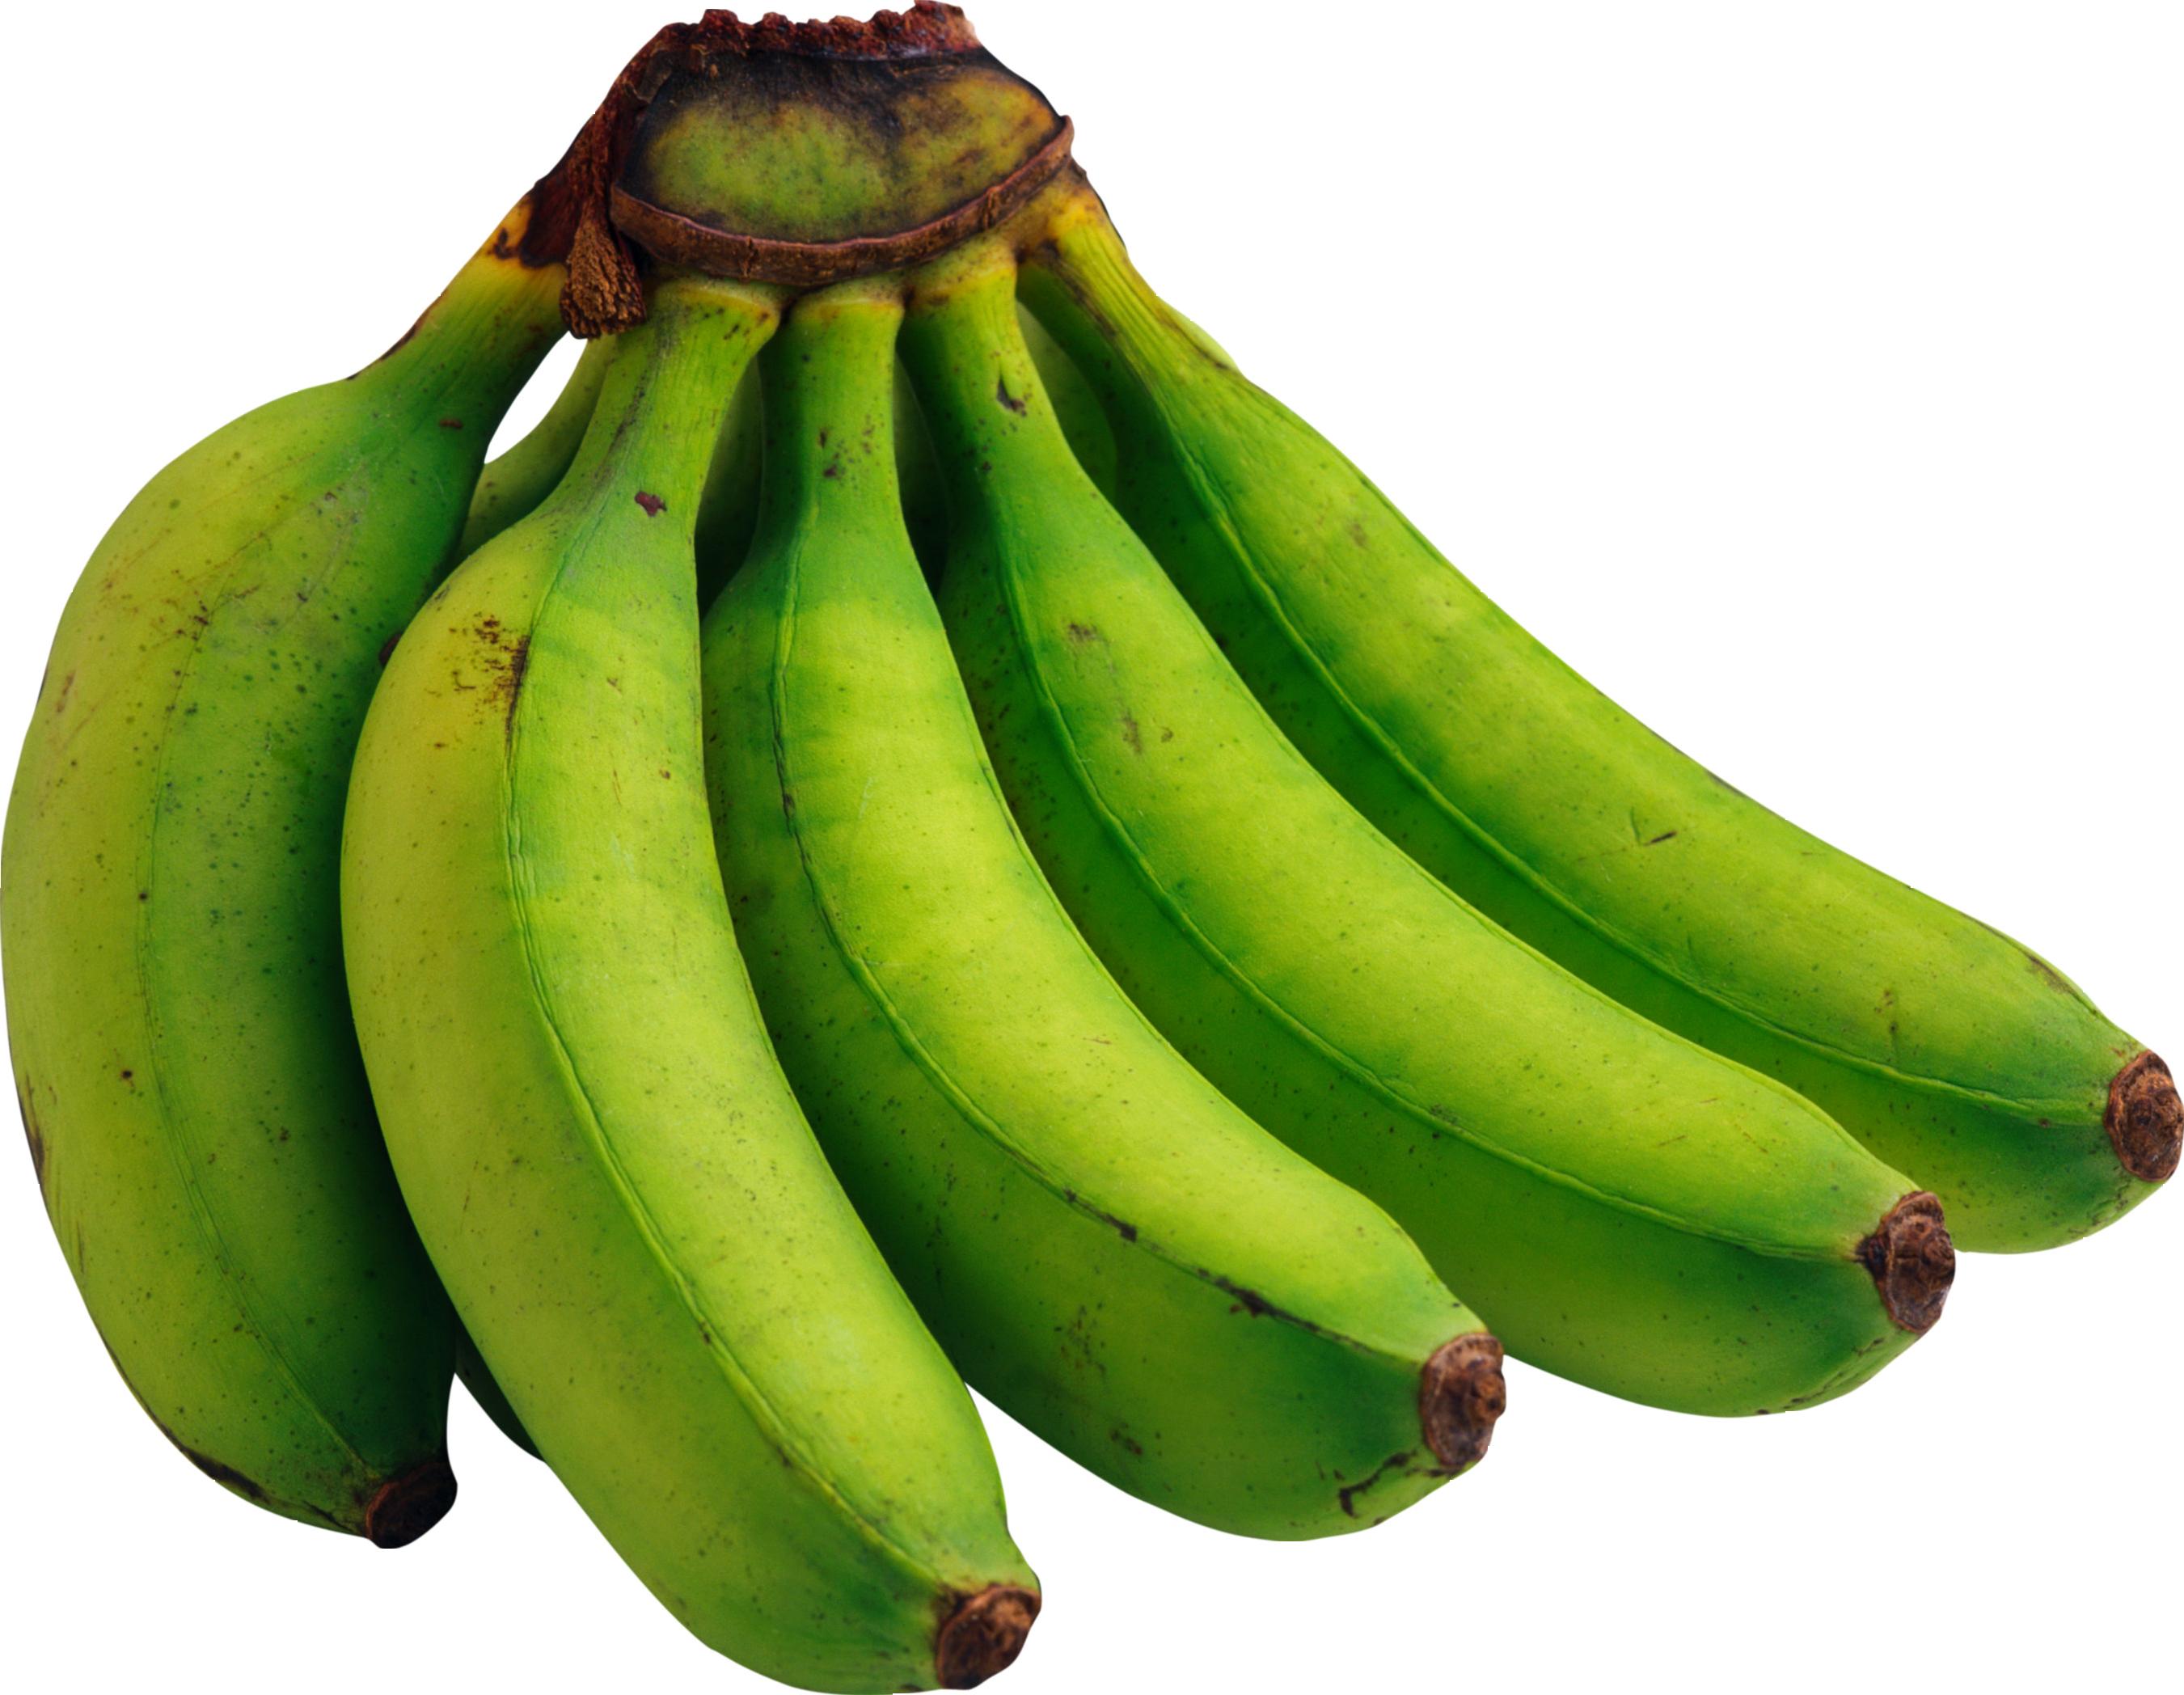 Green banana clipart.